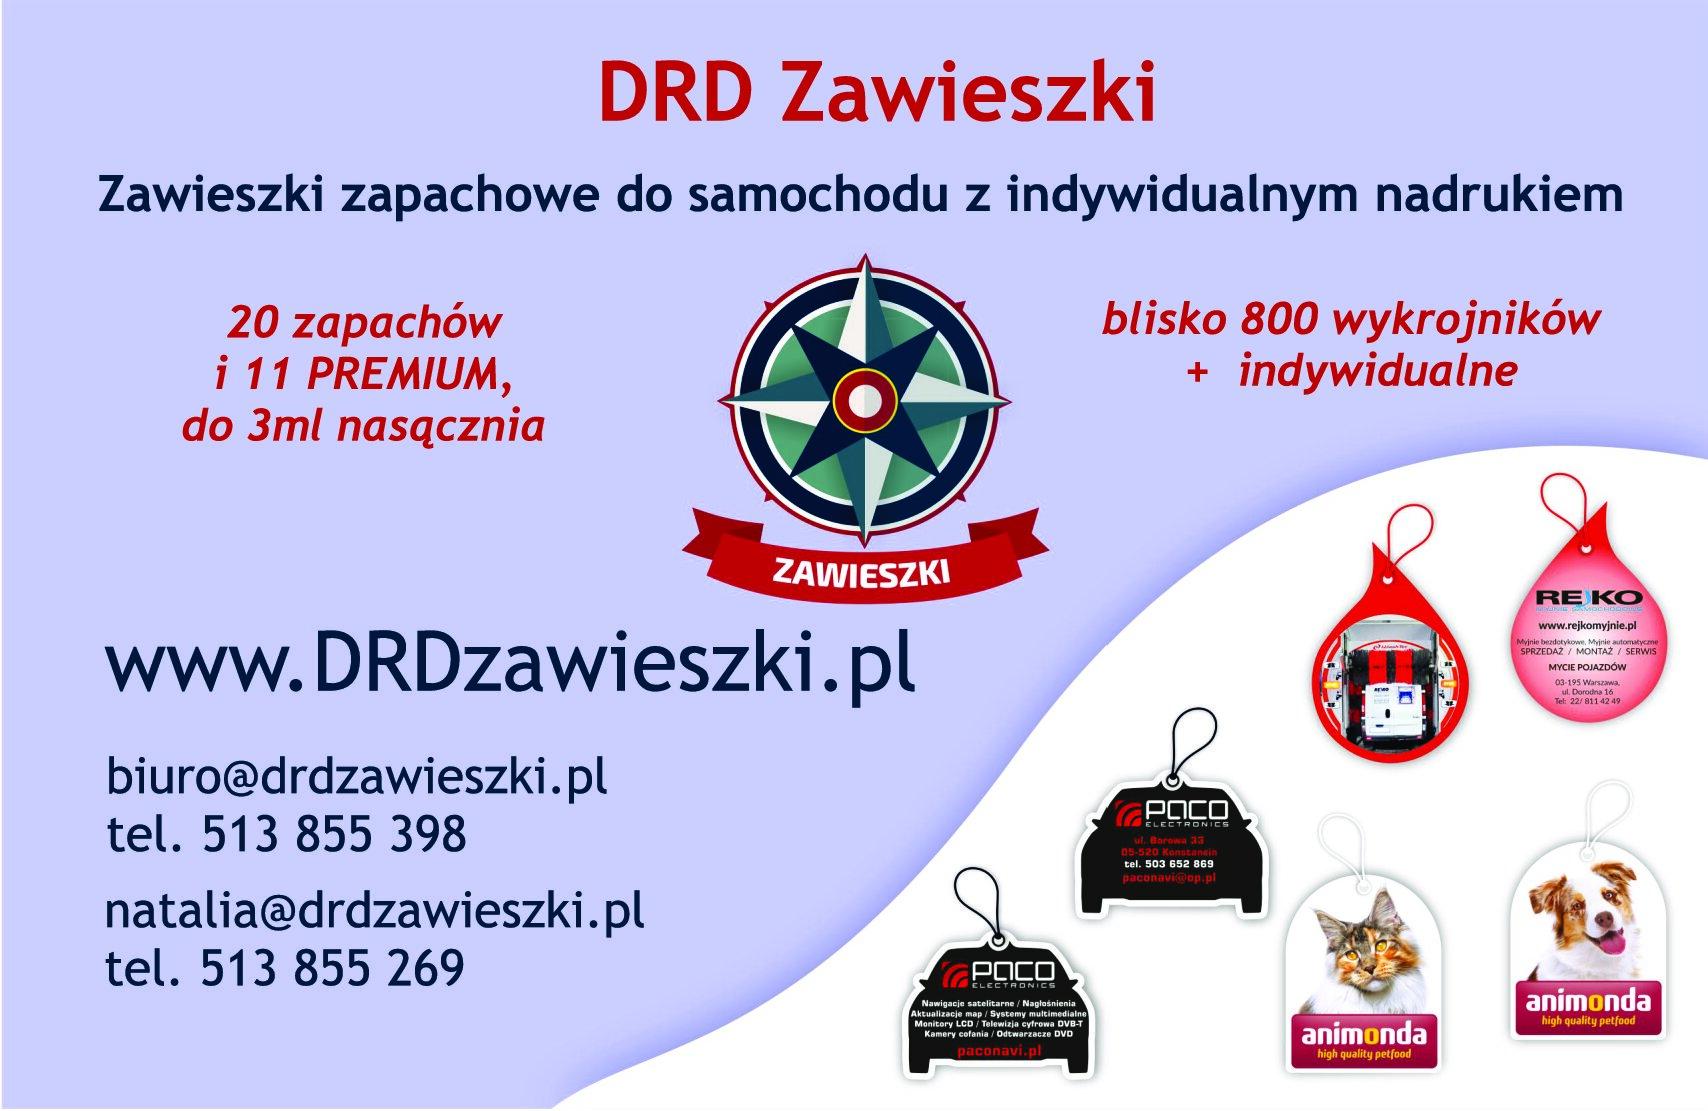 DRD Zawieszki